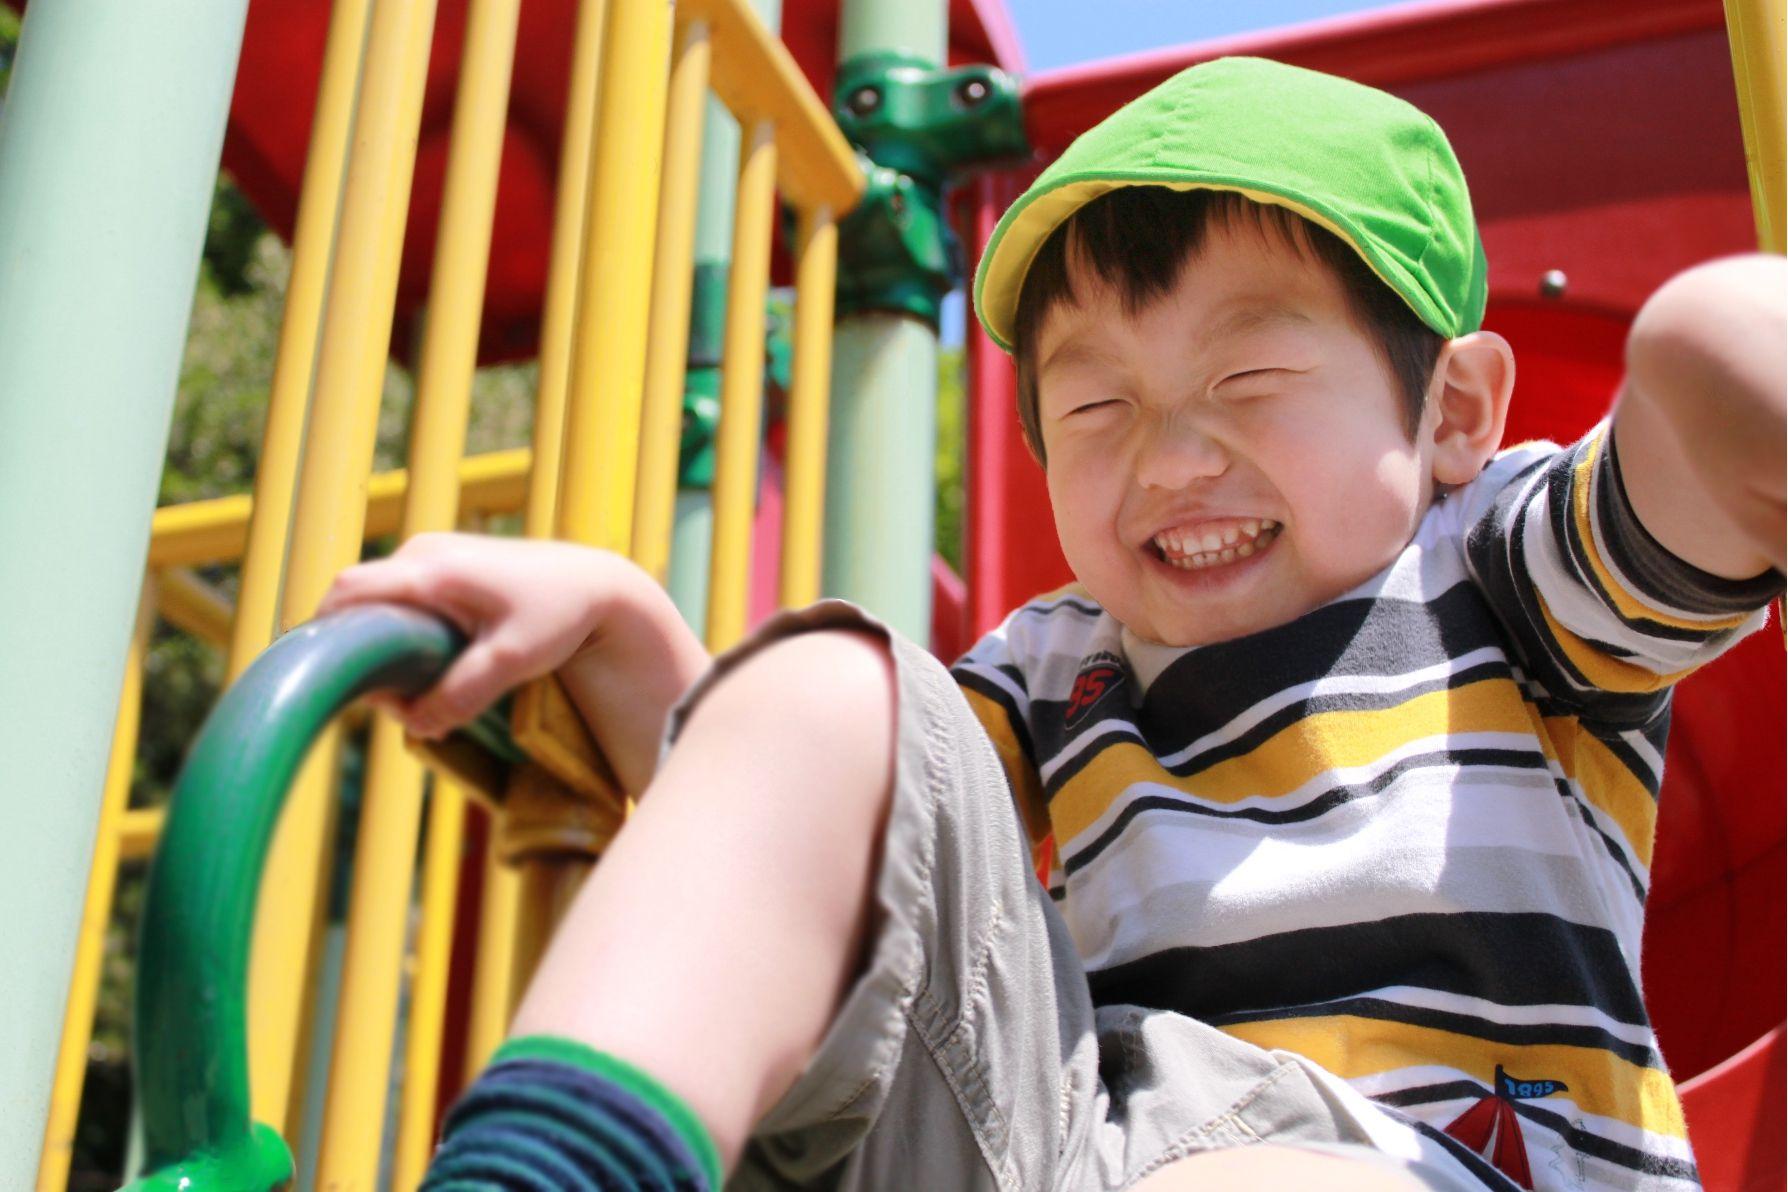 【病気療養中のお子様の保育です】土日祝はお休み。週2日~勤務OK!